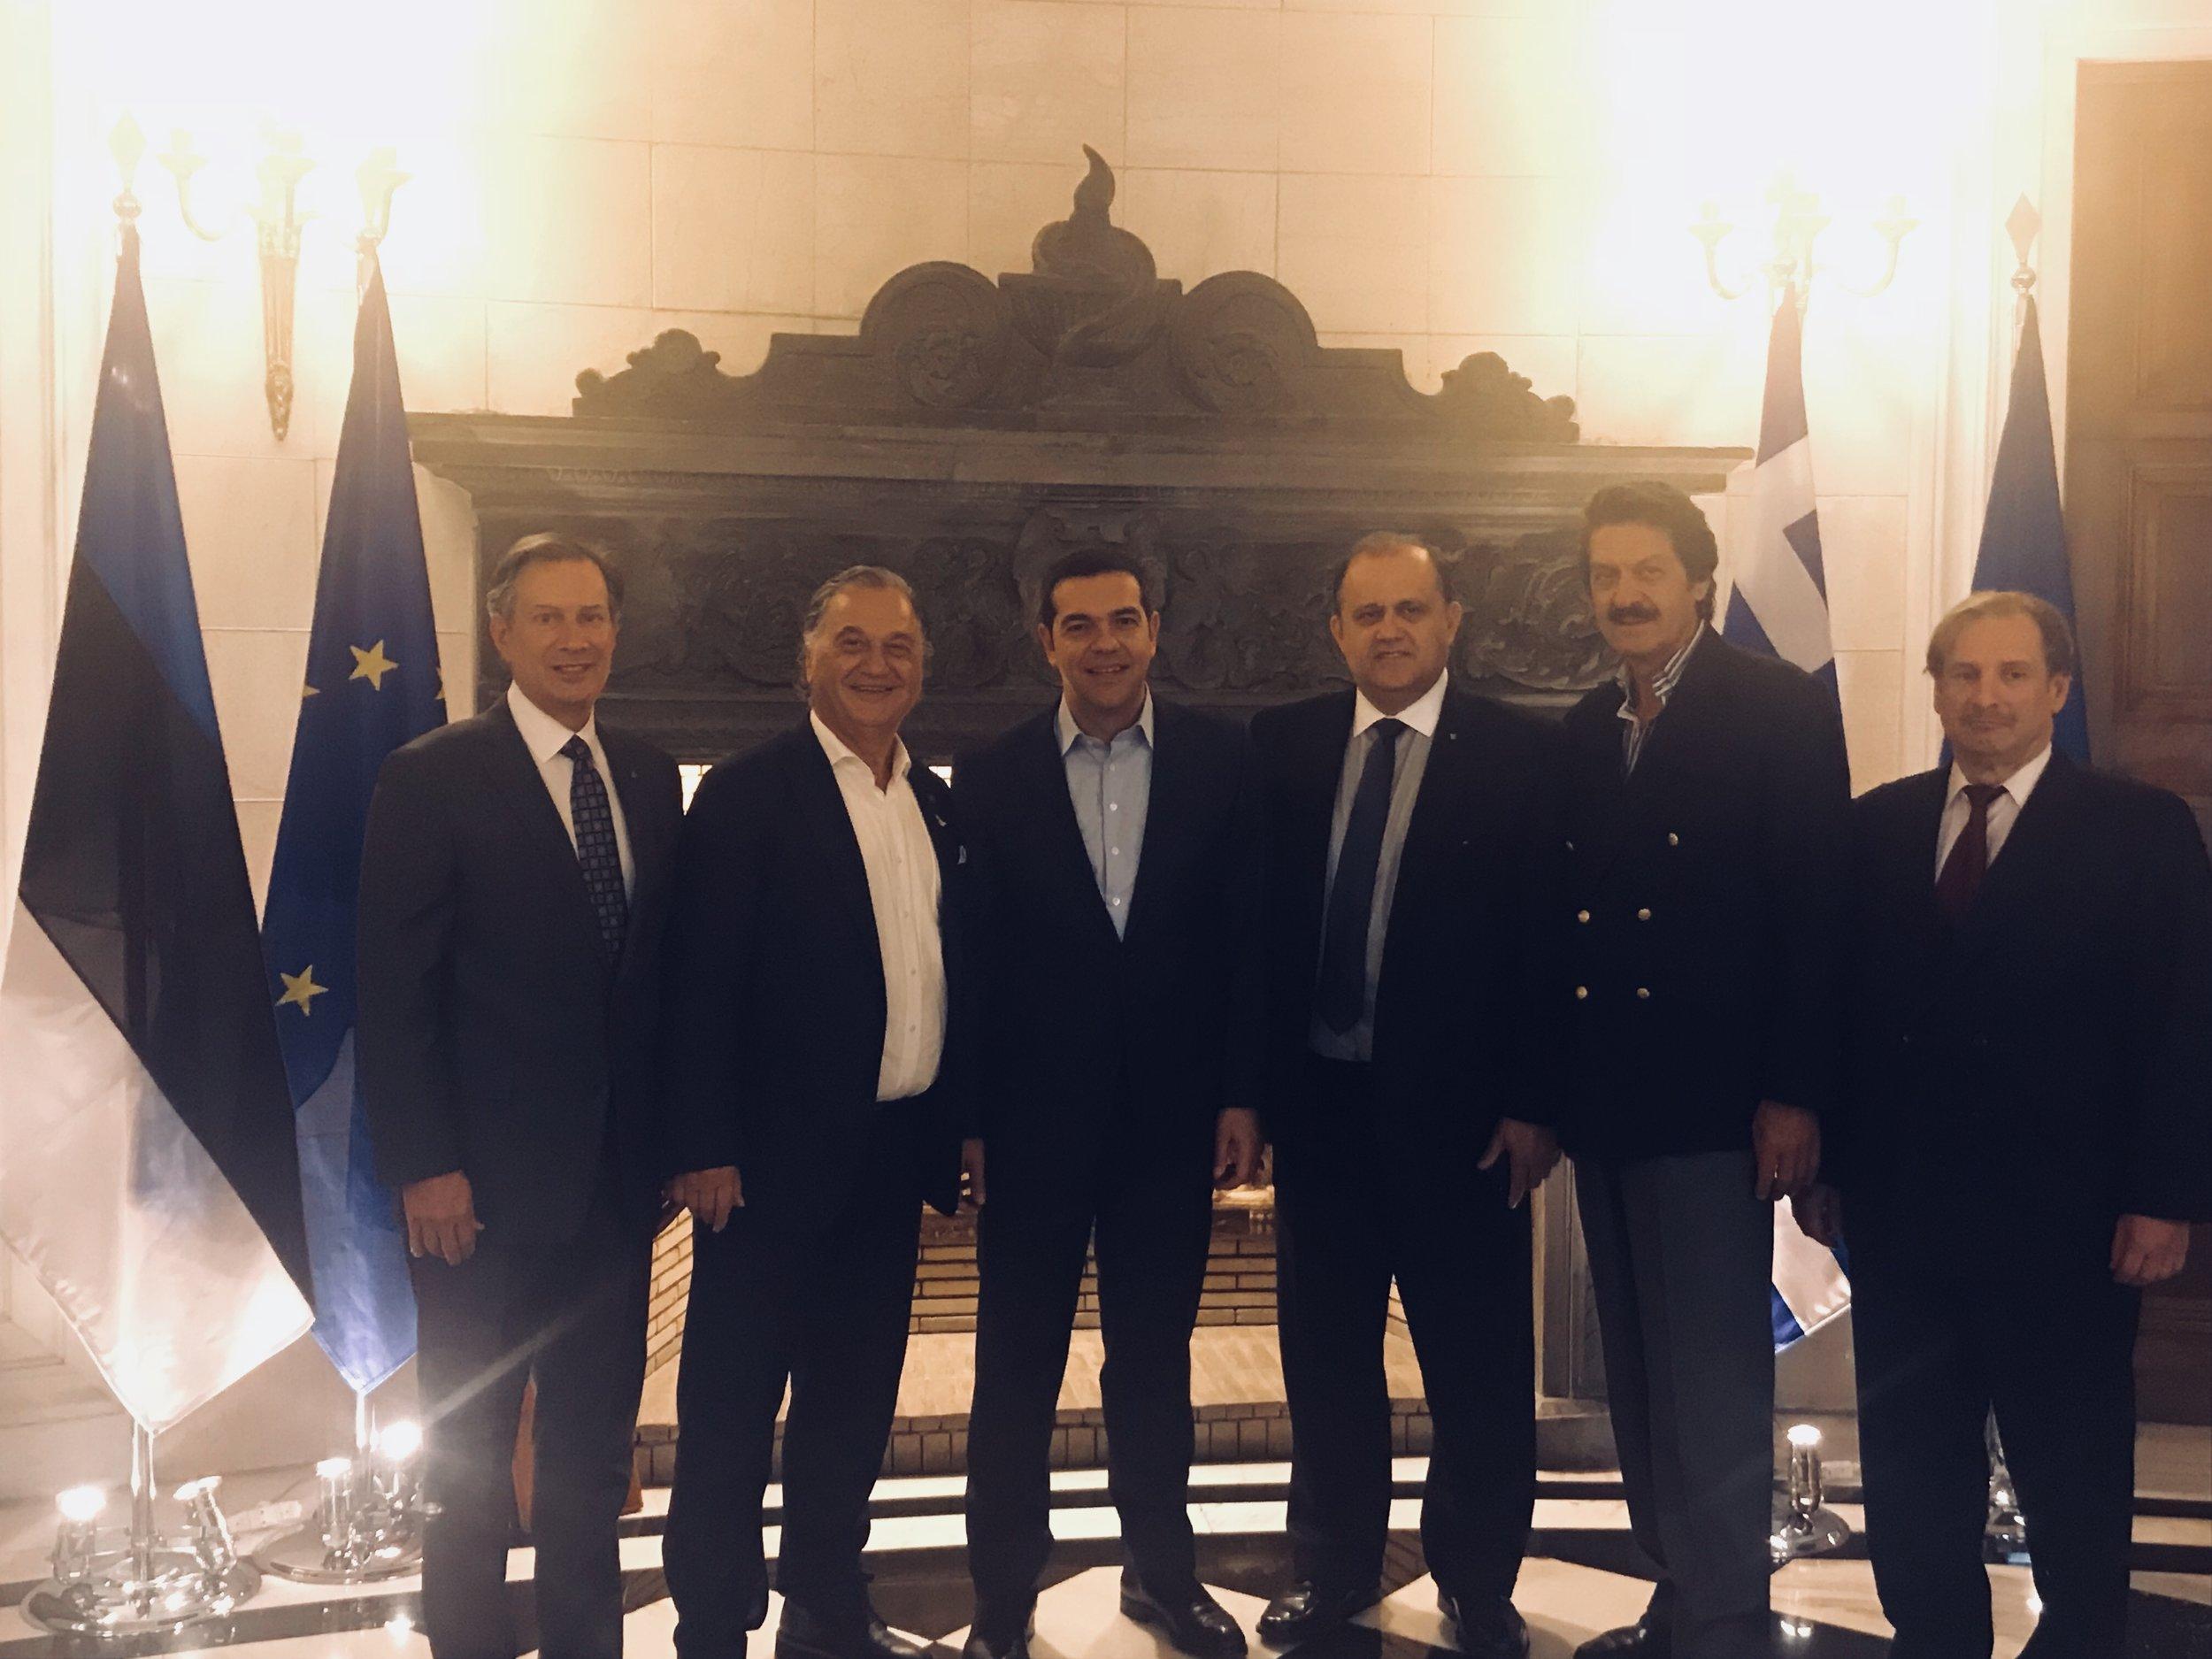 (L-R) AHI Board Member Leon Andris, AHI Member George Mermelas, Greek Prime Minister Alexis Tsipras, AHI President Nick Larigakis, AHI Board Member Kostas Alexakis, AHI Board Member Nick Karameblas.